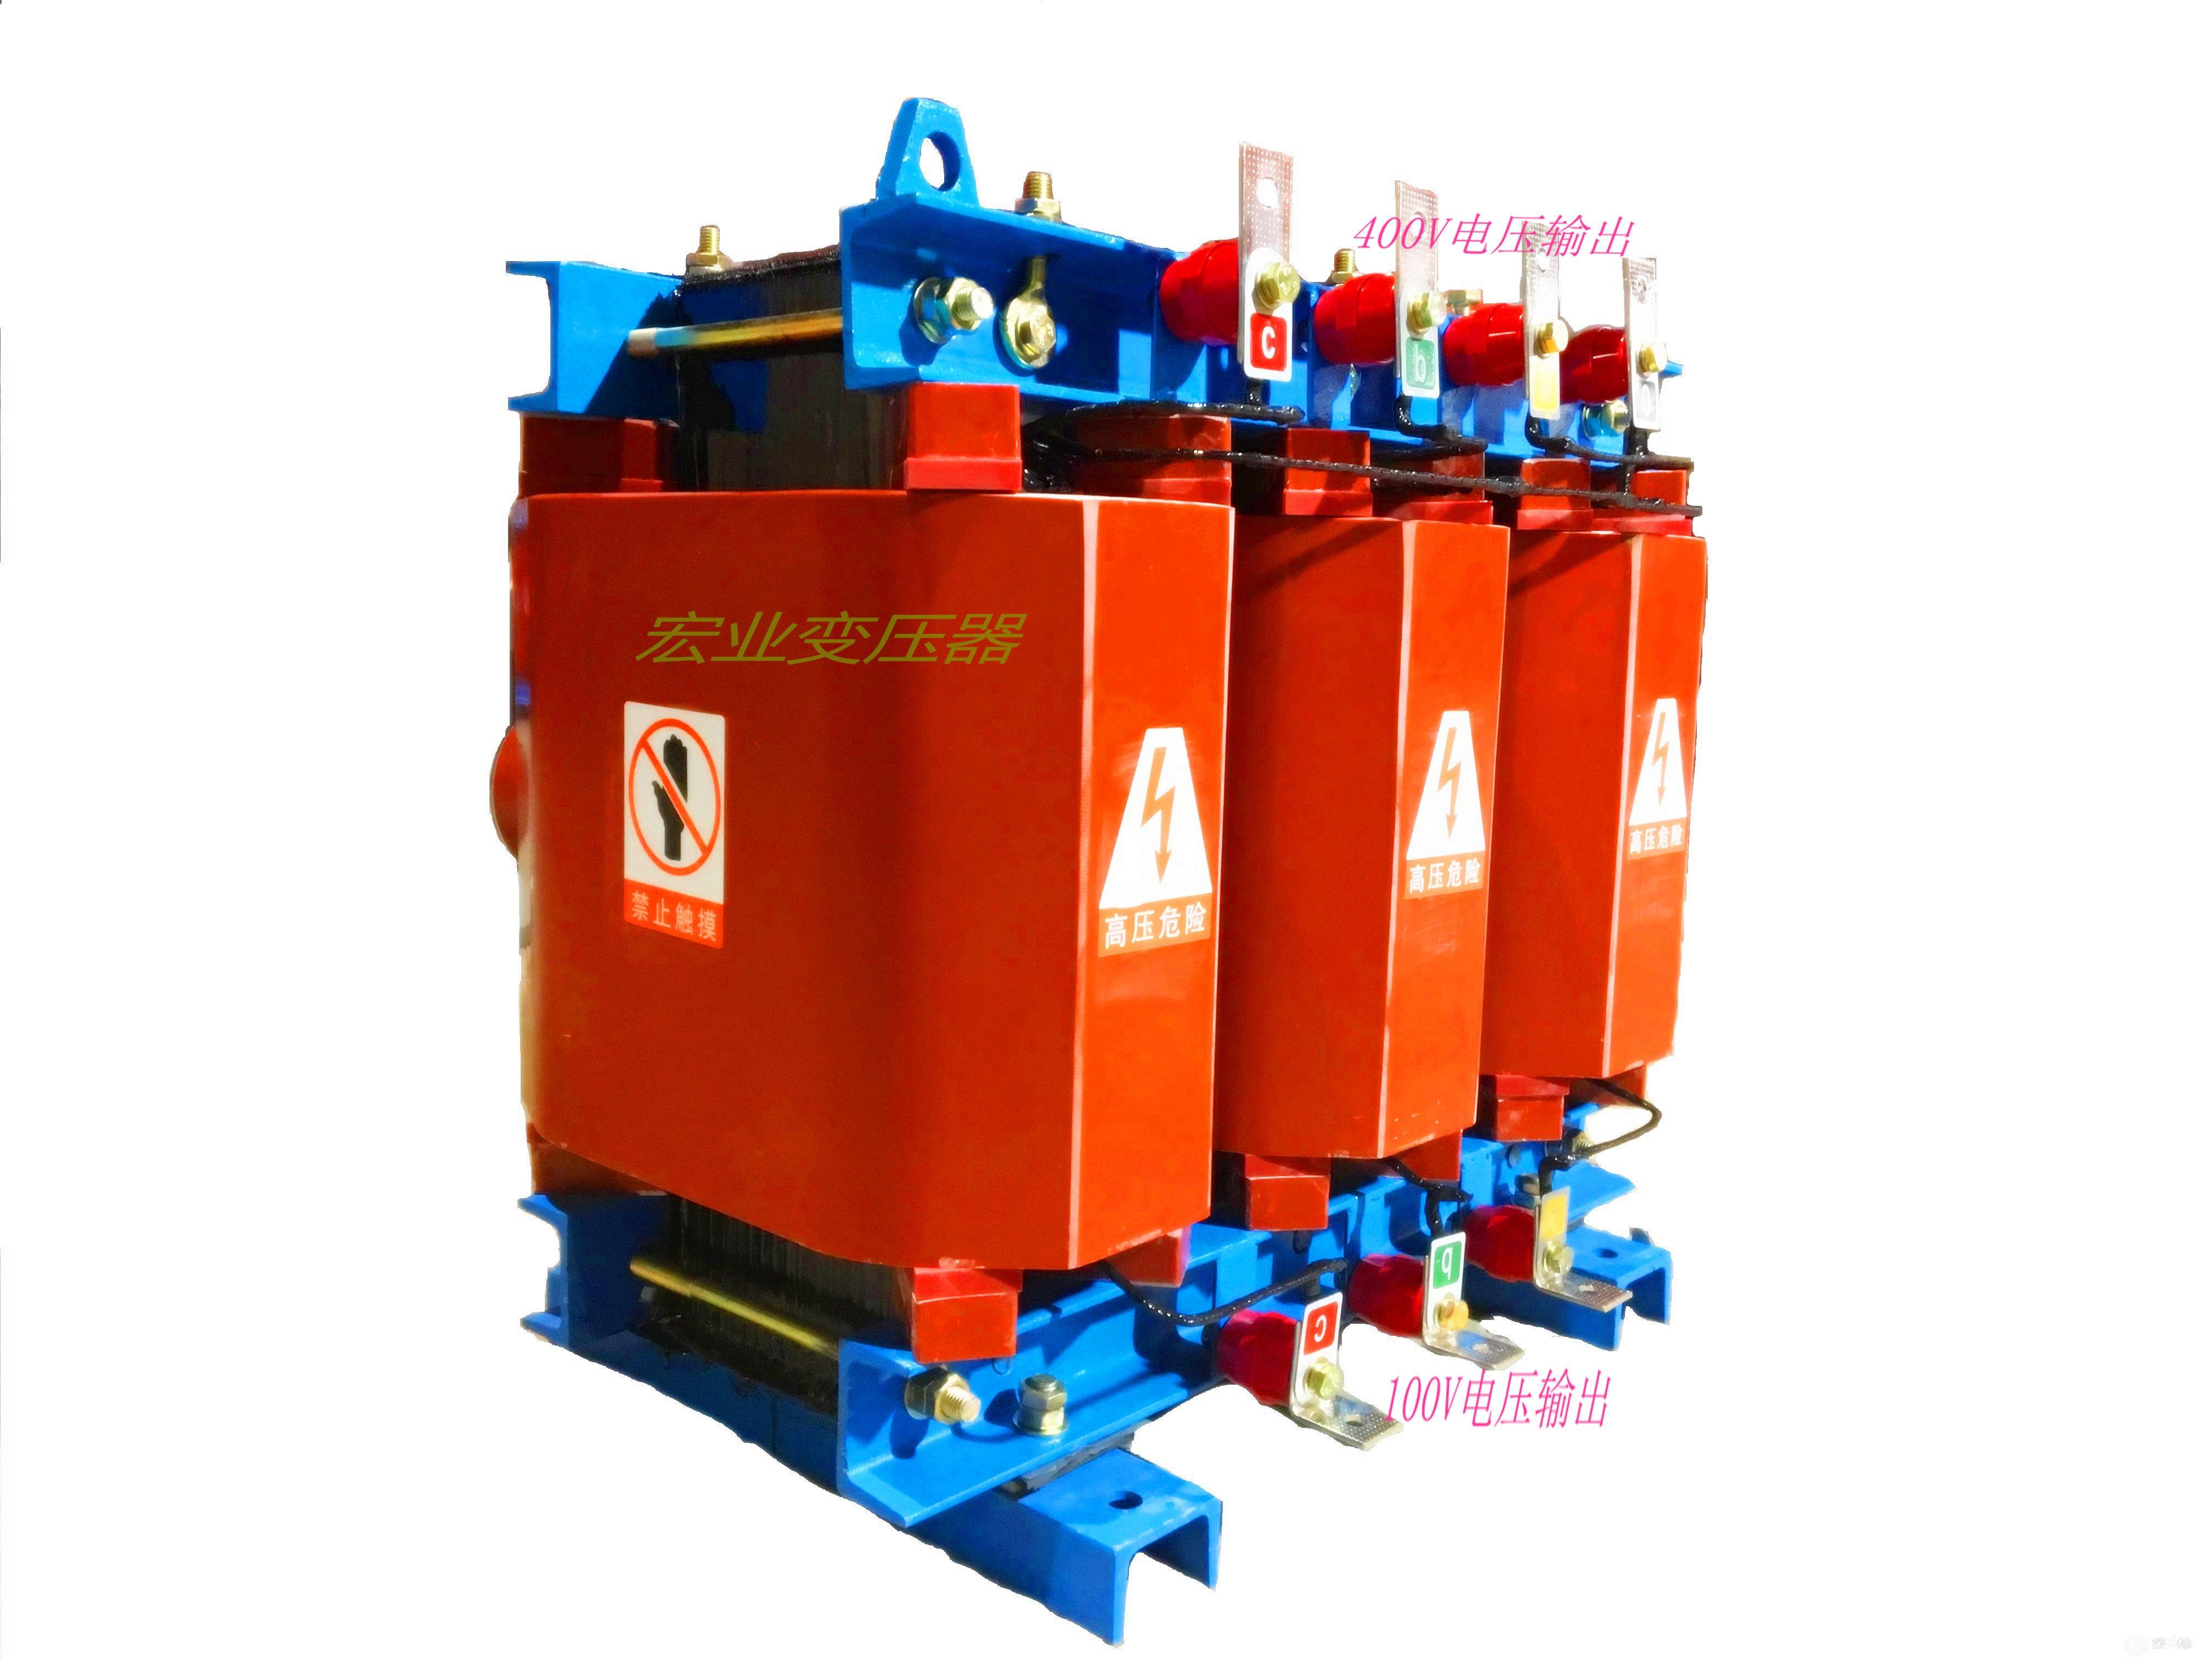 电力变压器 现货供应15kva小干变sc10-15kva dyn11    小容量干变广泛